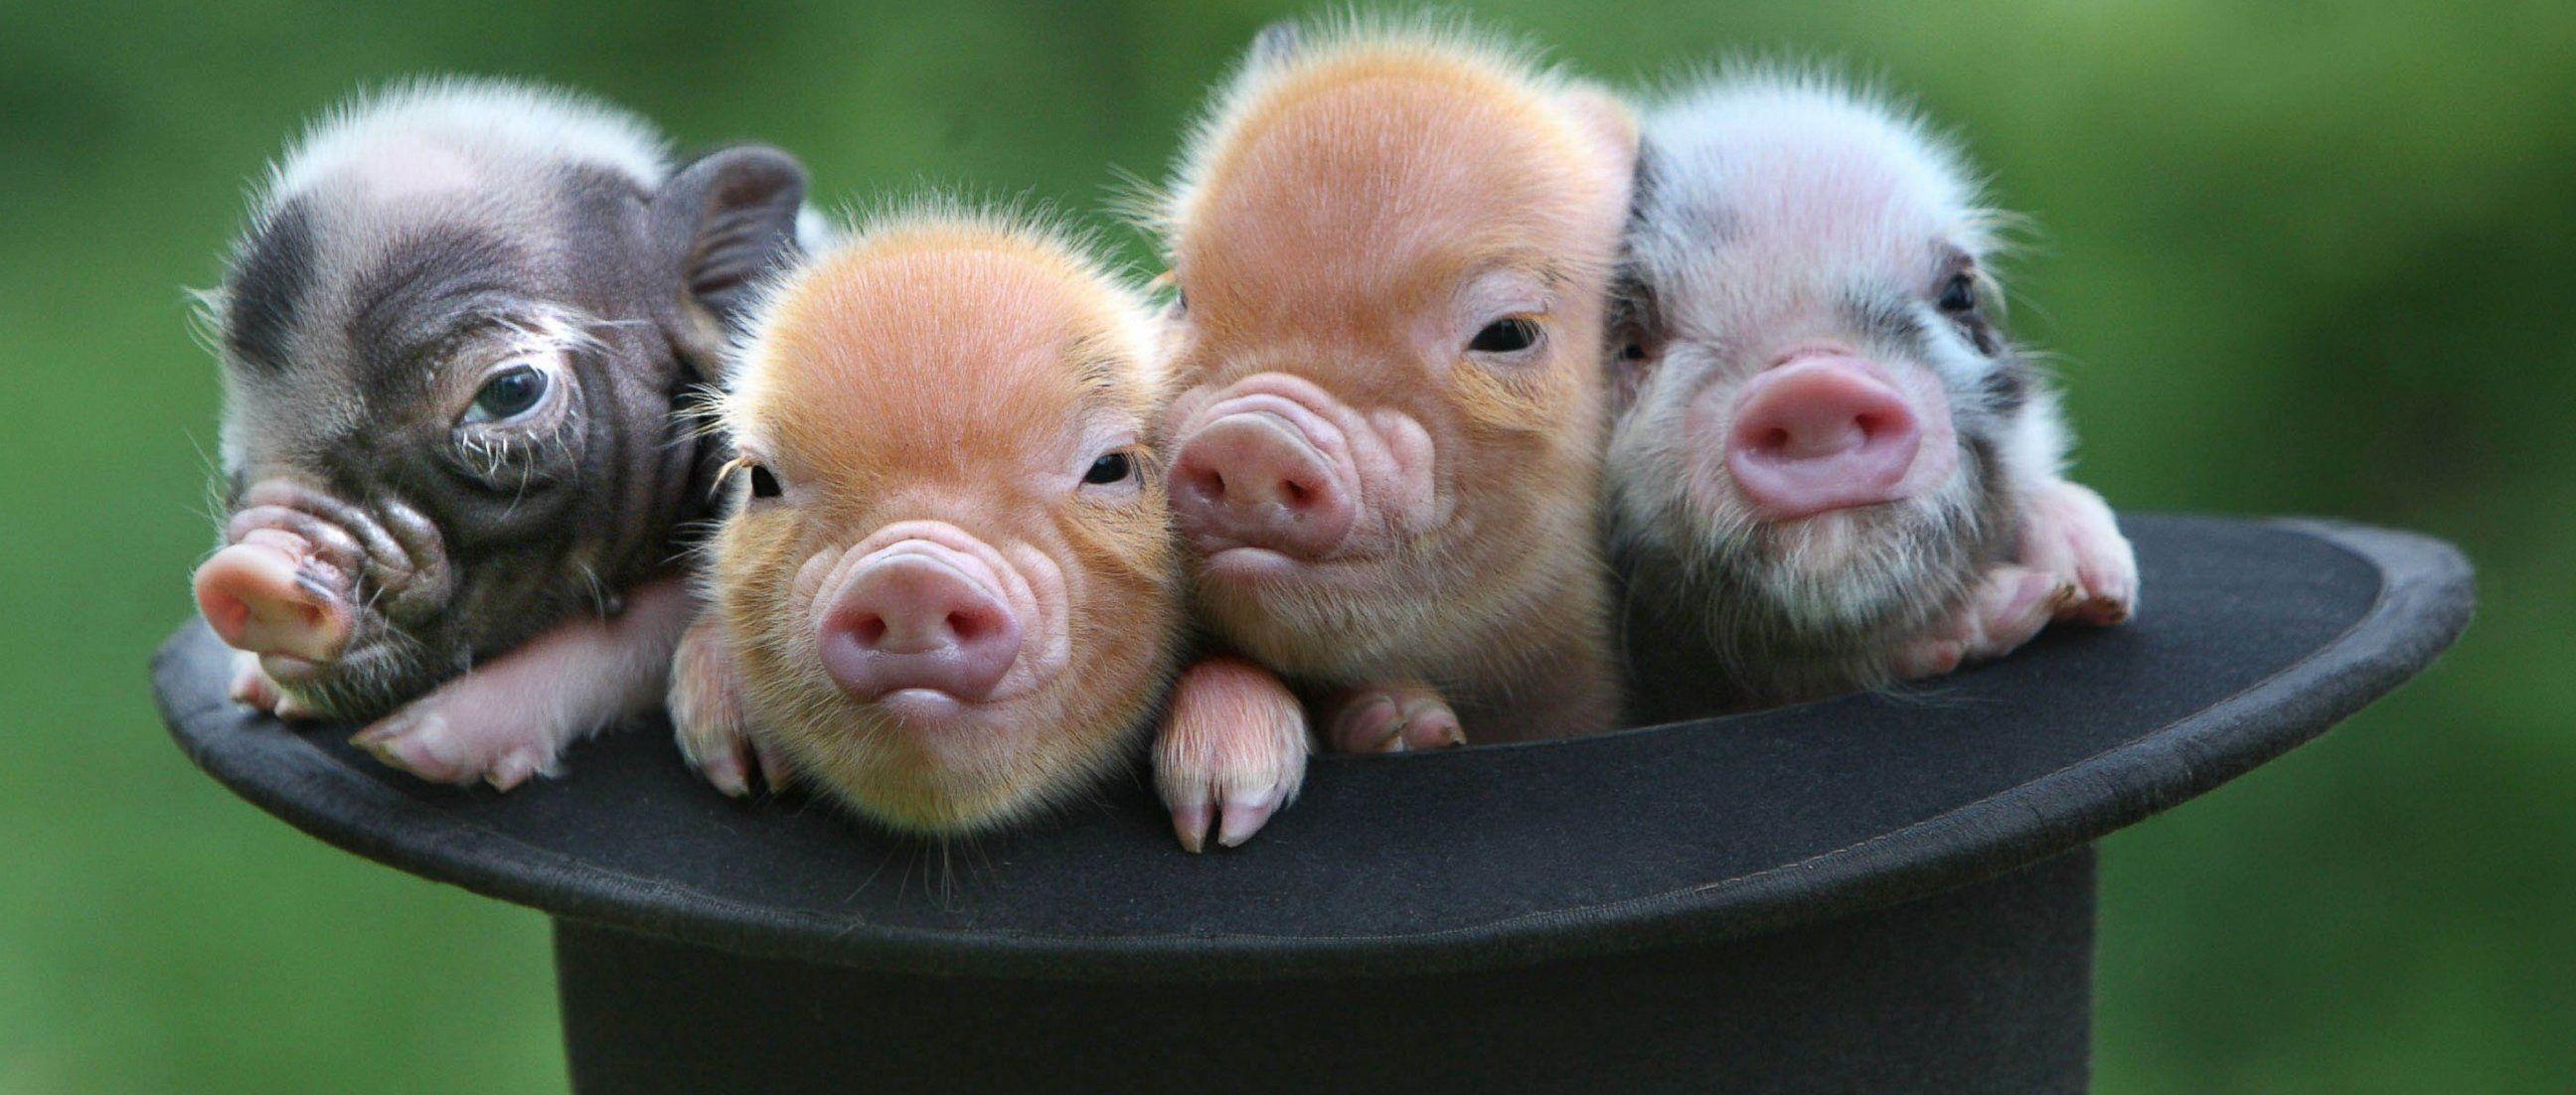 Свинья прикольные картинки высокое качество